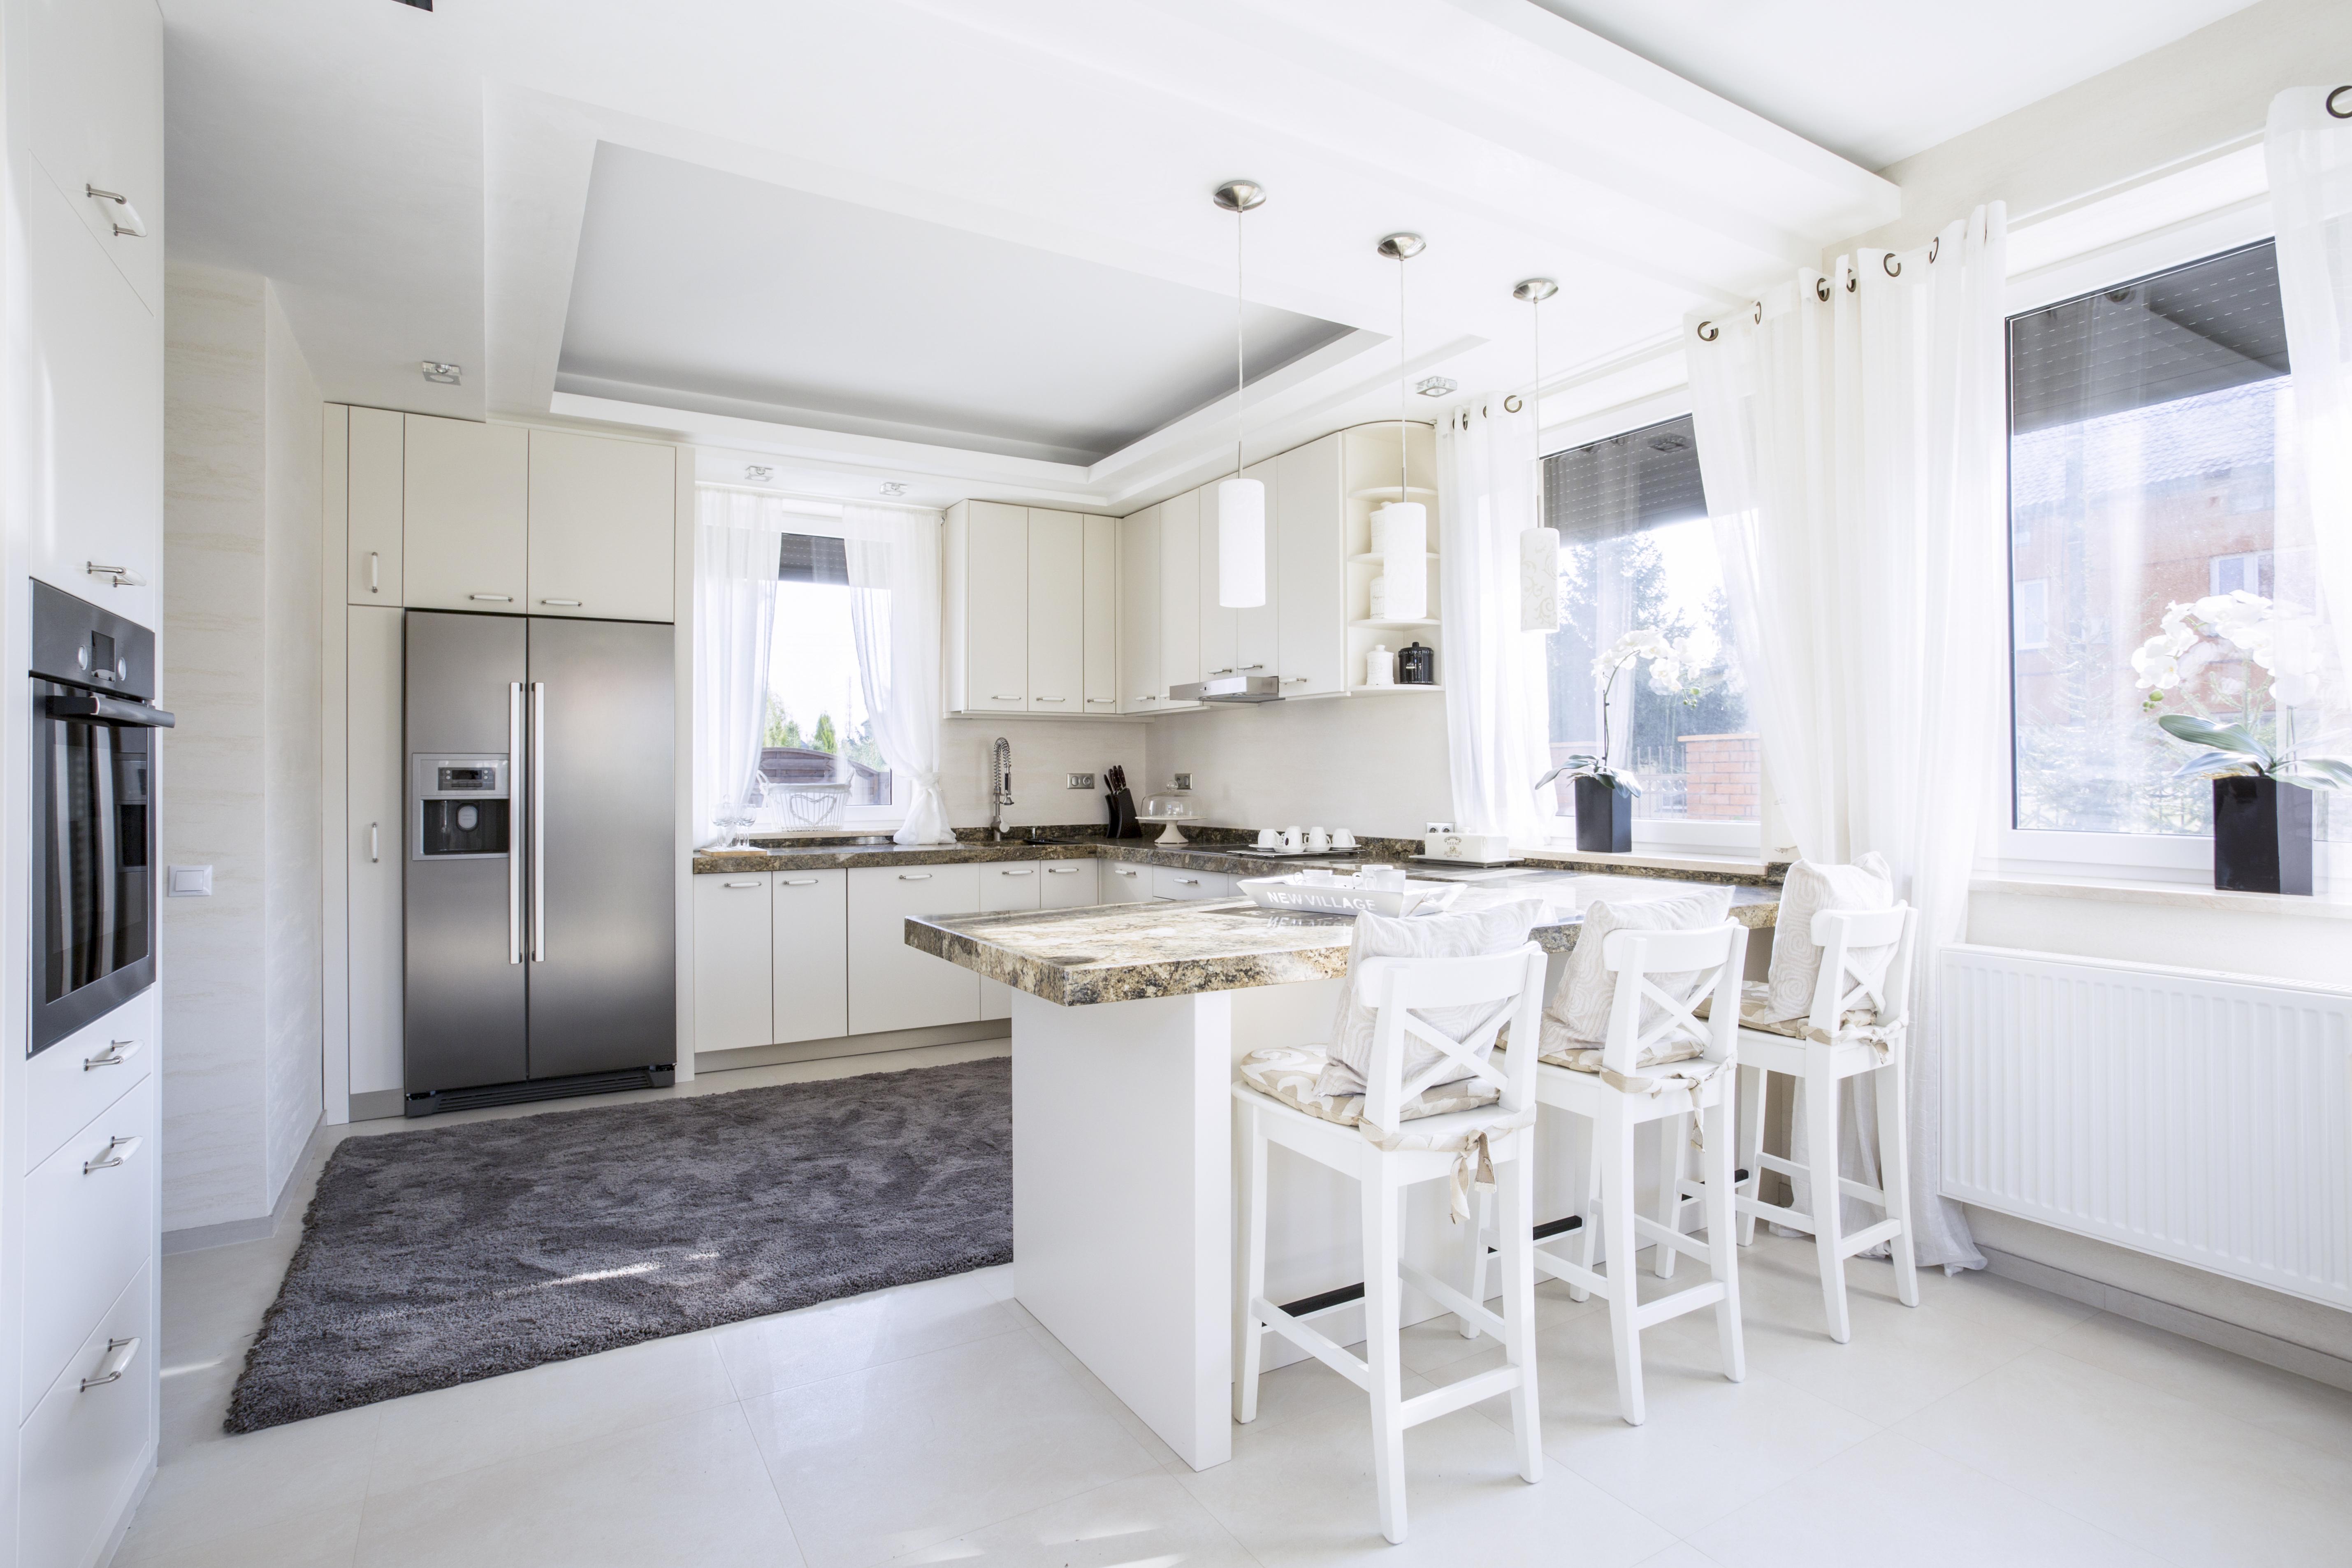 Bancada da cozinha com dupla função